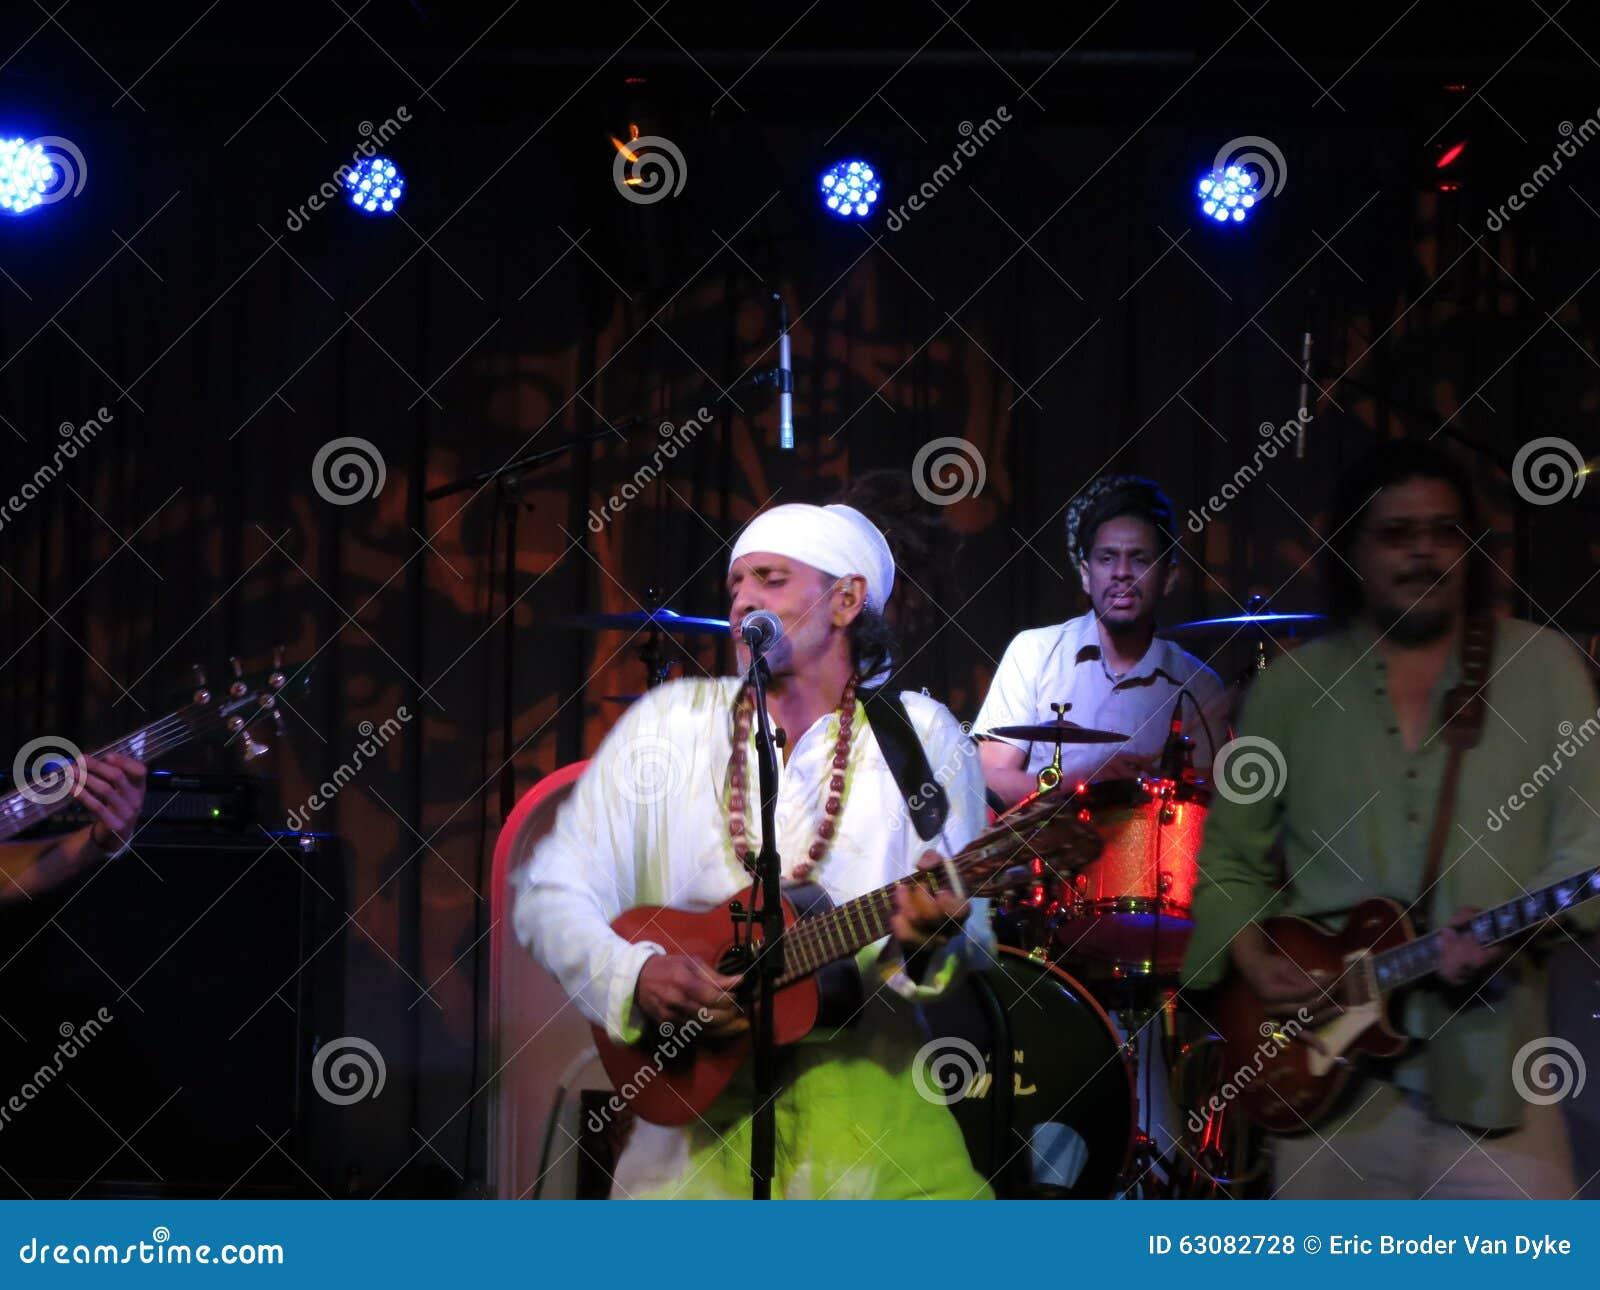 Download Fantuzzi Joue La Guitare Et La Bande Bloque à L'intérieur Aux Carrefours Photo stock éditorial - Image du live, groupe: 63082728